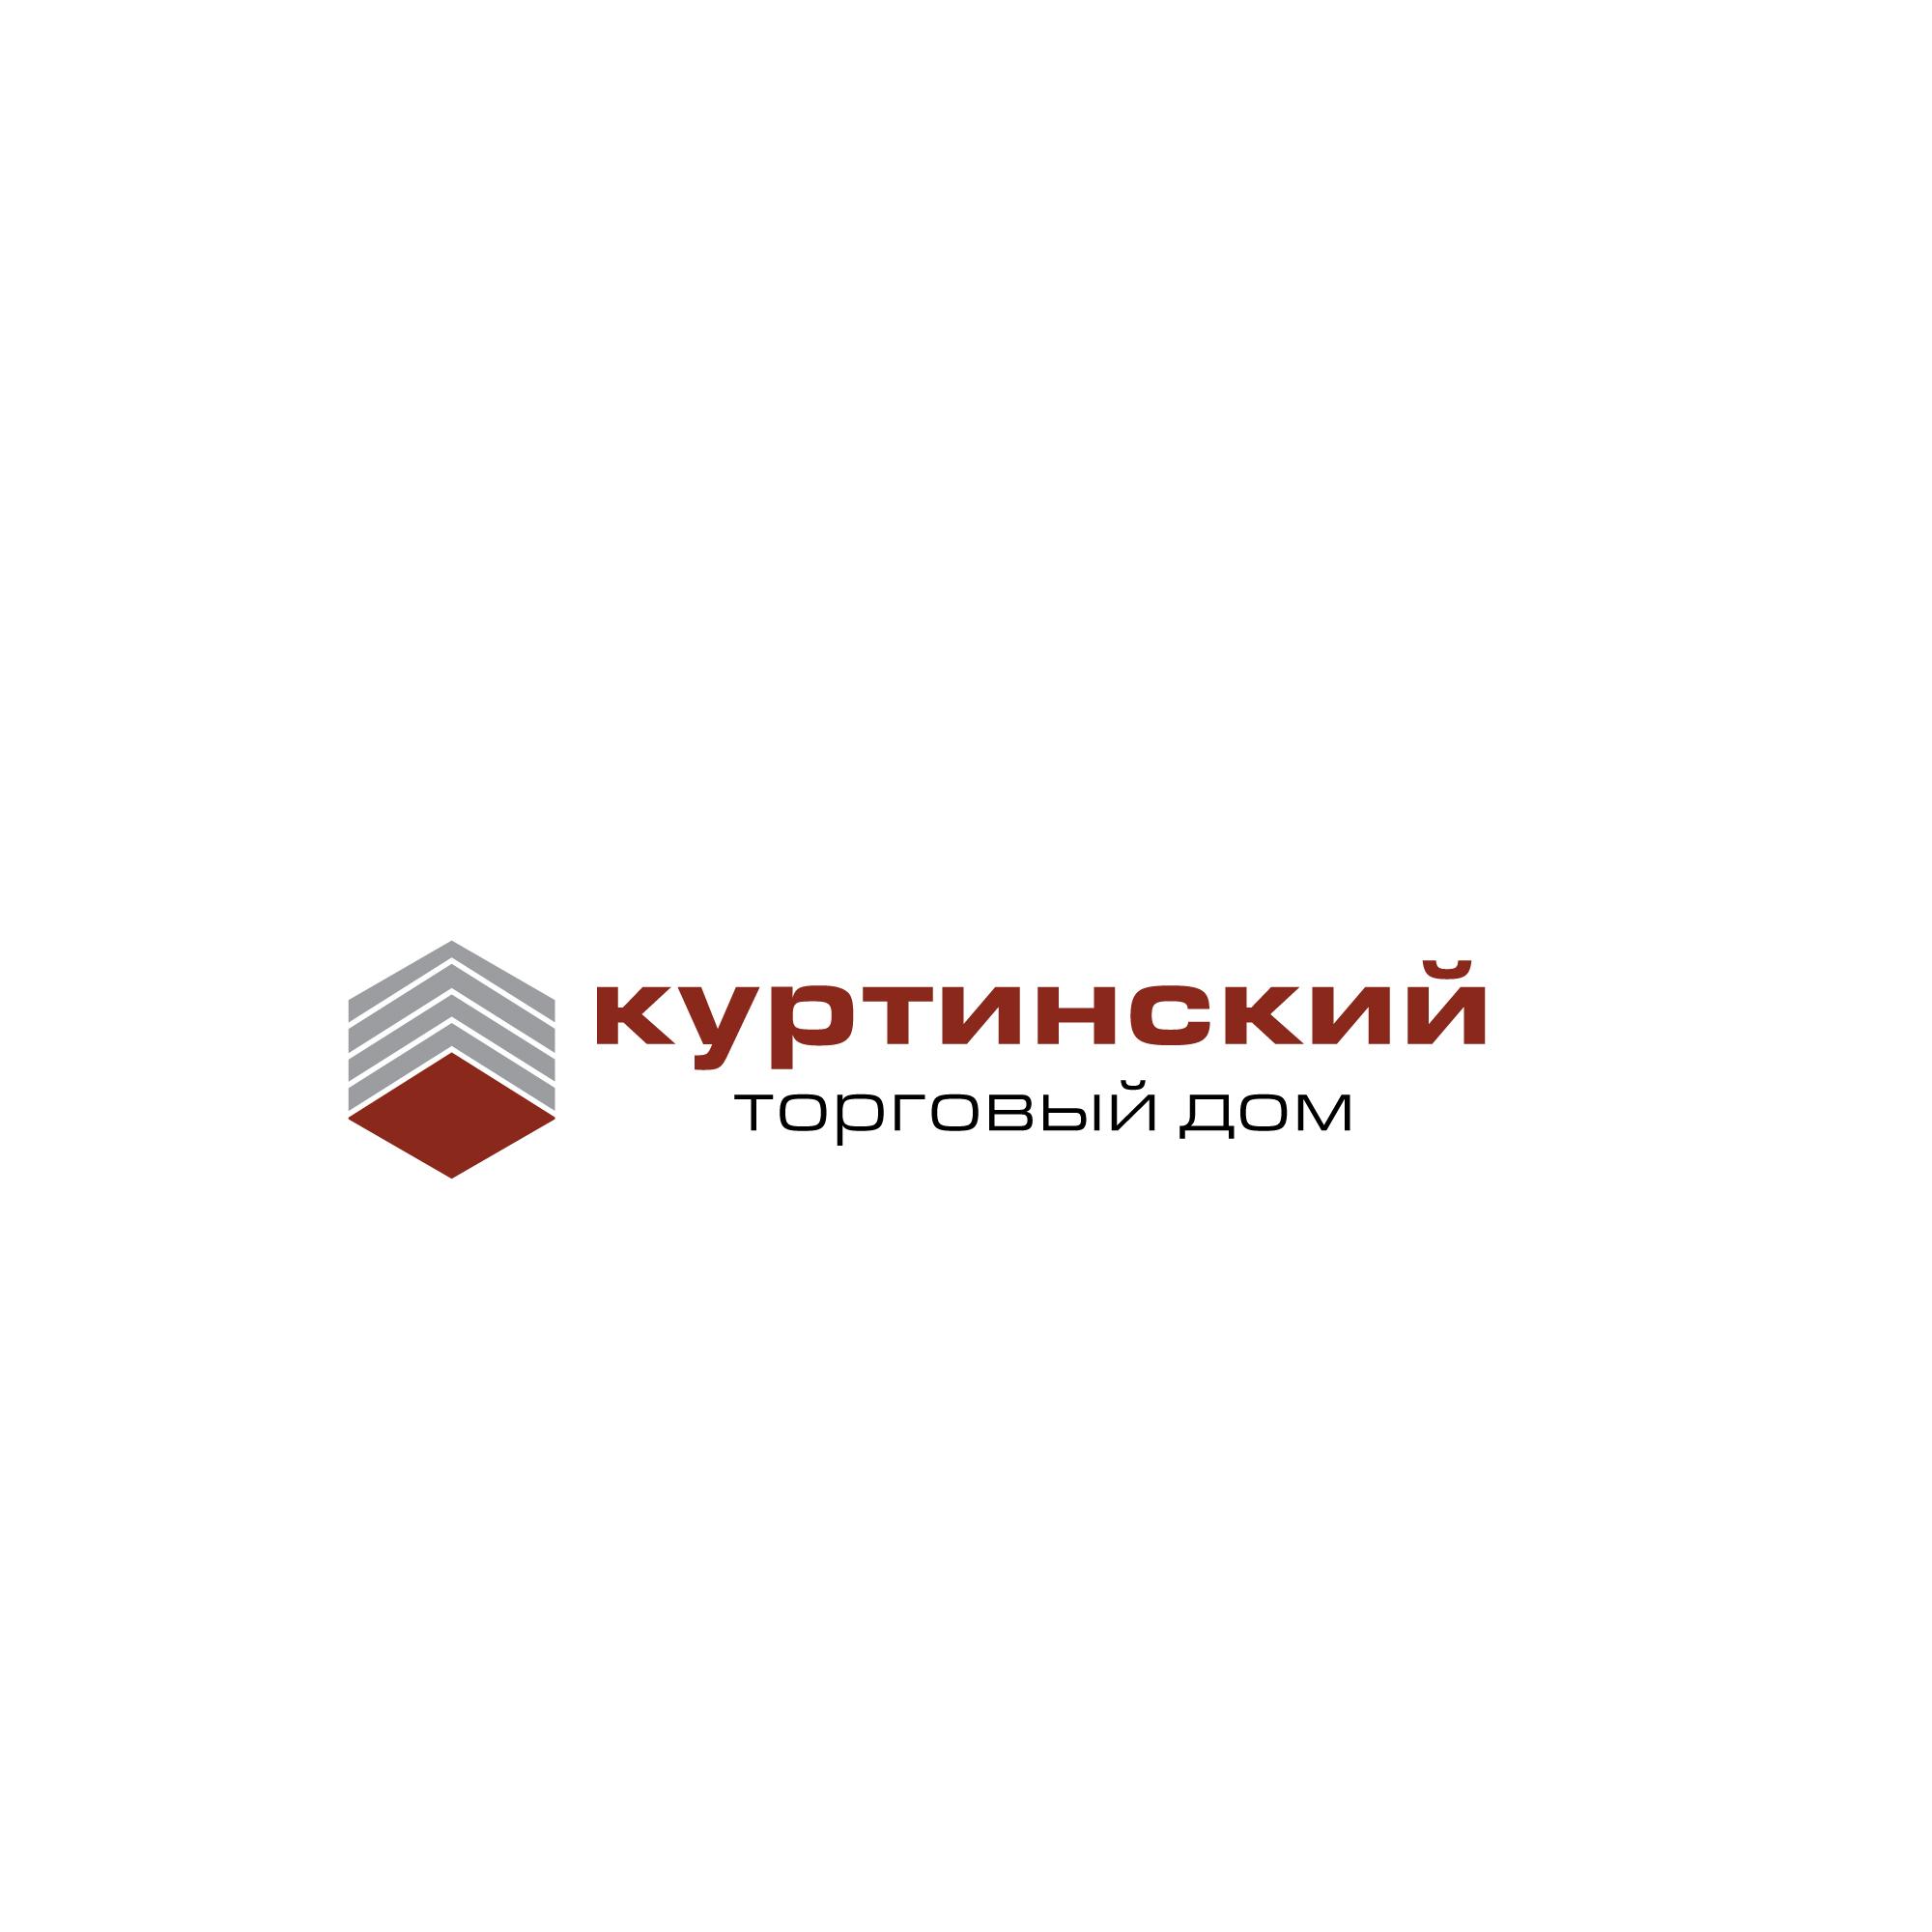 Логотип для камнедобывающей компании фото f_1295ba0488d0e7d8.jpg